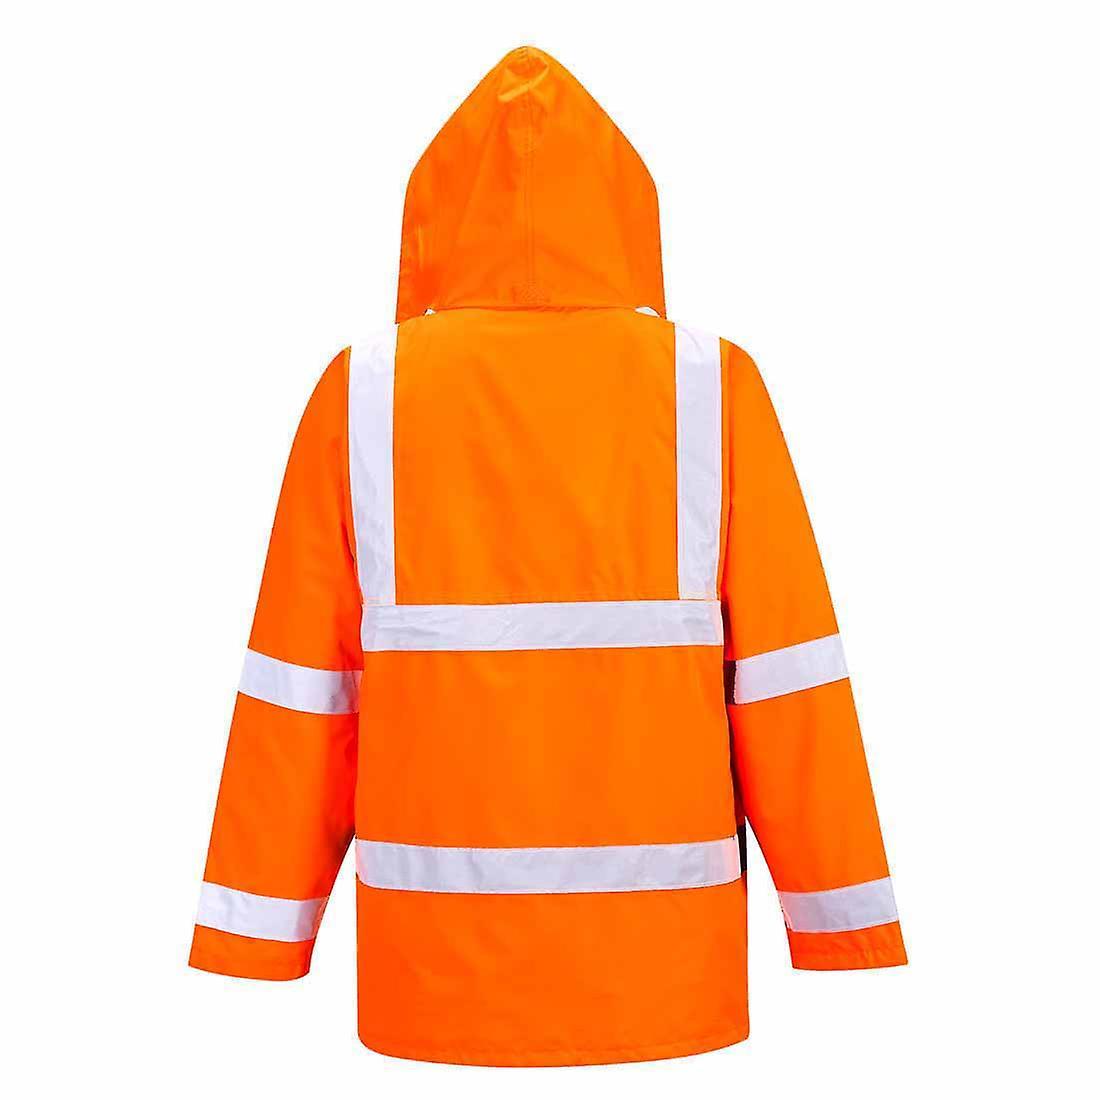 SUw - Hi-Vis Safety 4-in-1 Traffic vêtehommests de travail veste